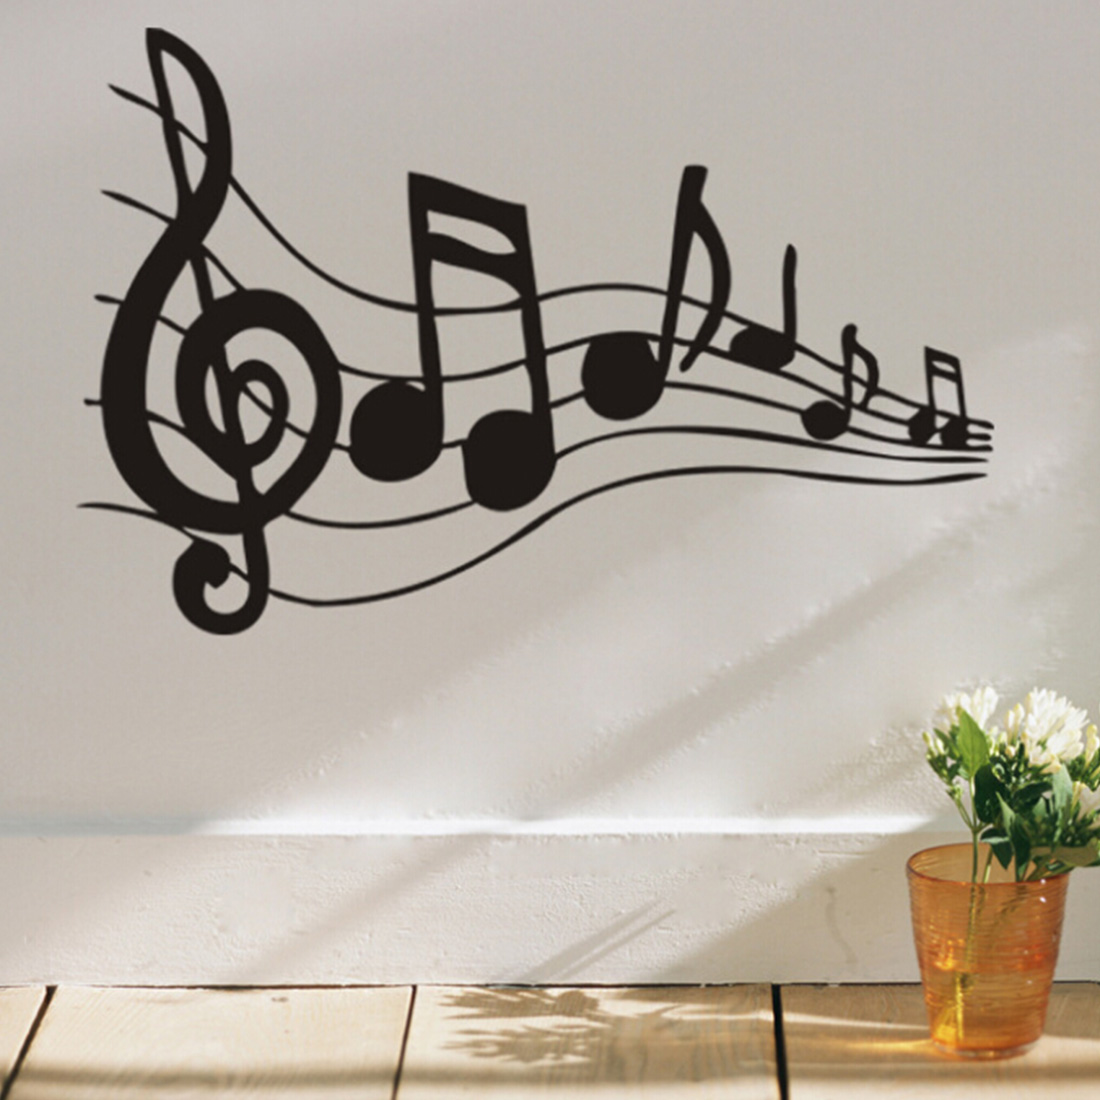 Graffiti wall vinyl - Hotsale Wall Home Decor Vinyl Decal Removable Sticker Paper Music Note Pattern Graffiti China